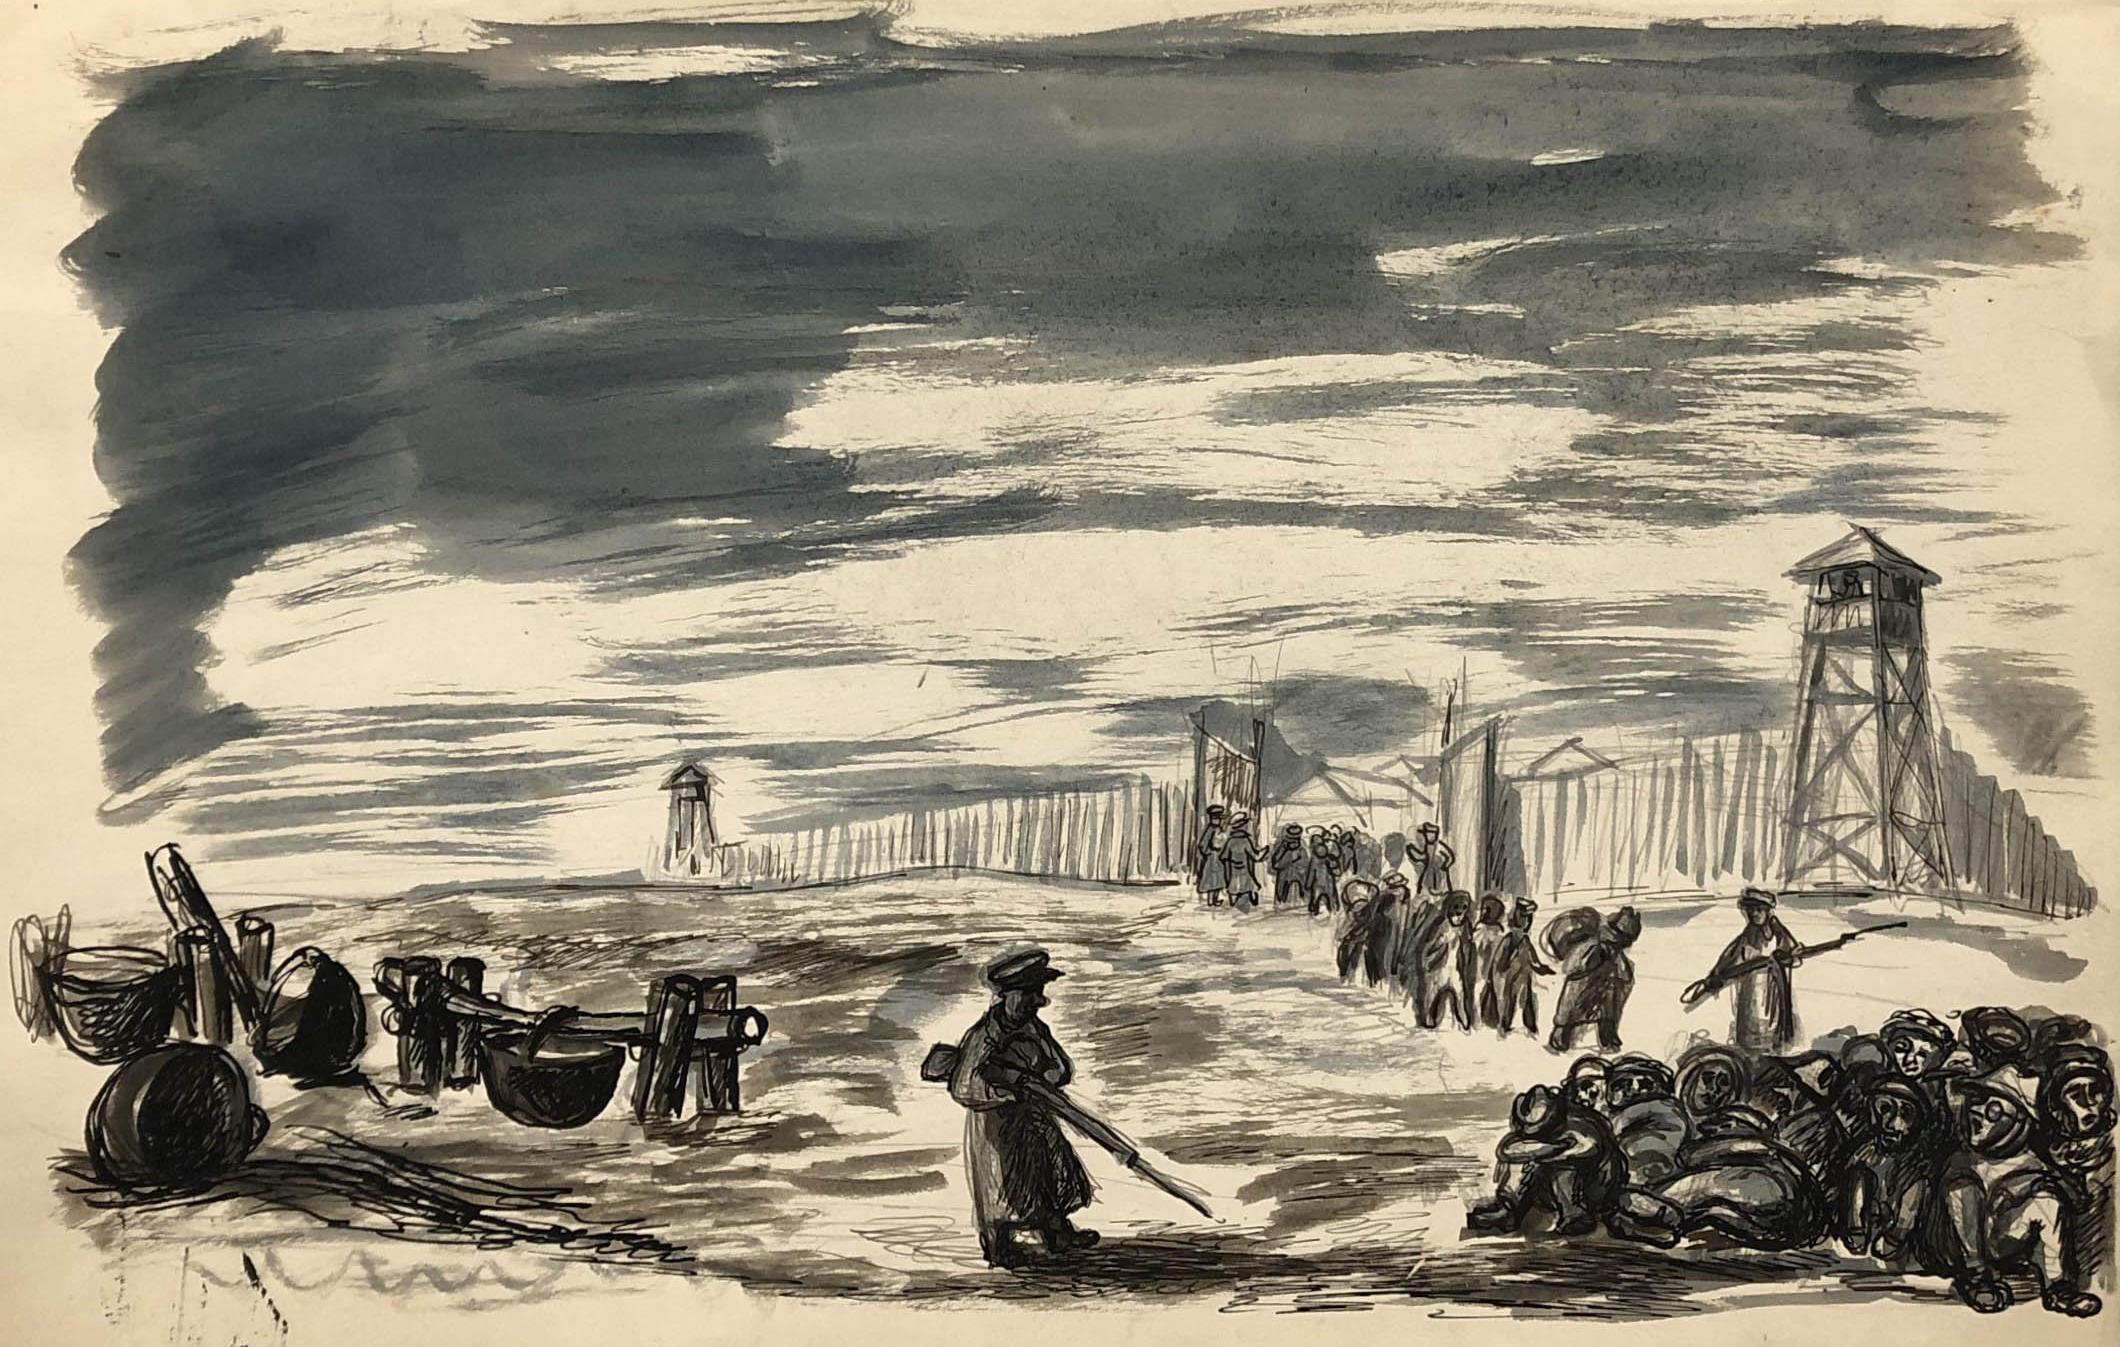 Rysunek przedstawiający więźniów wychodzących złagru wKożwie nadPeczorą podeskortą strażników. Prawdopodobnie dzień wymarszu zobozu poamnestii. rys. piórkiem, Adam Kossowski, praca stworzona wLondynie w1943 roku.